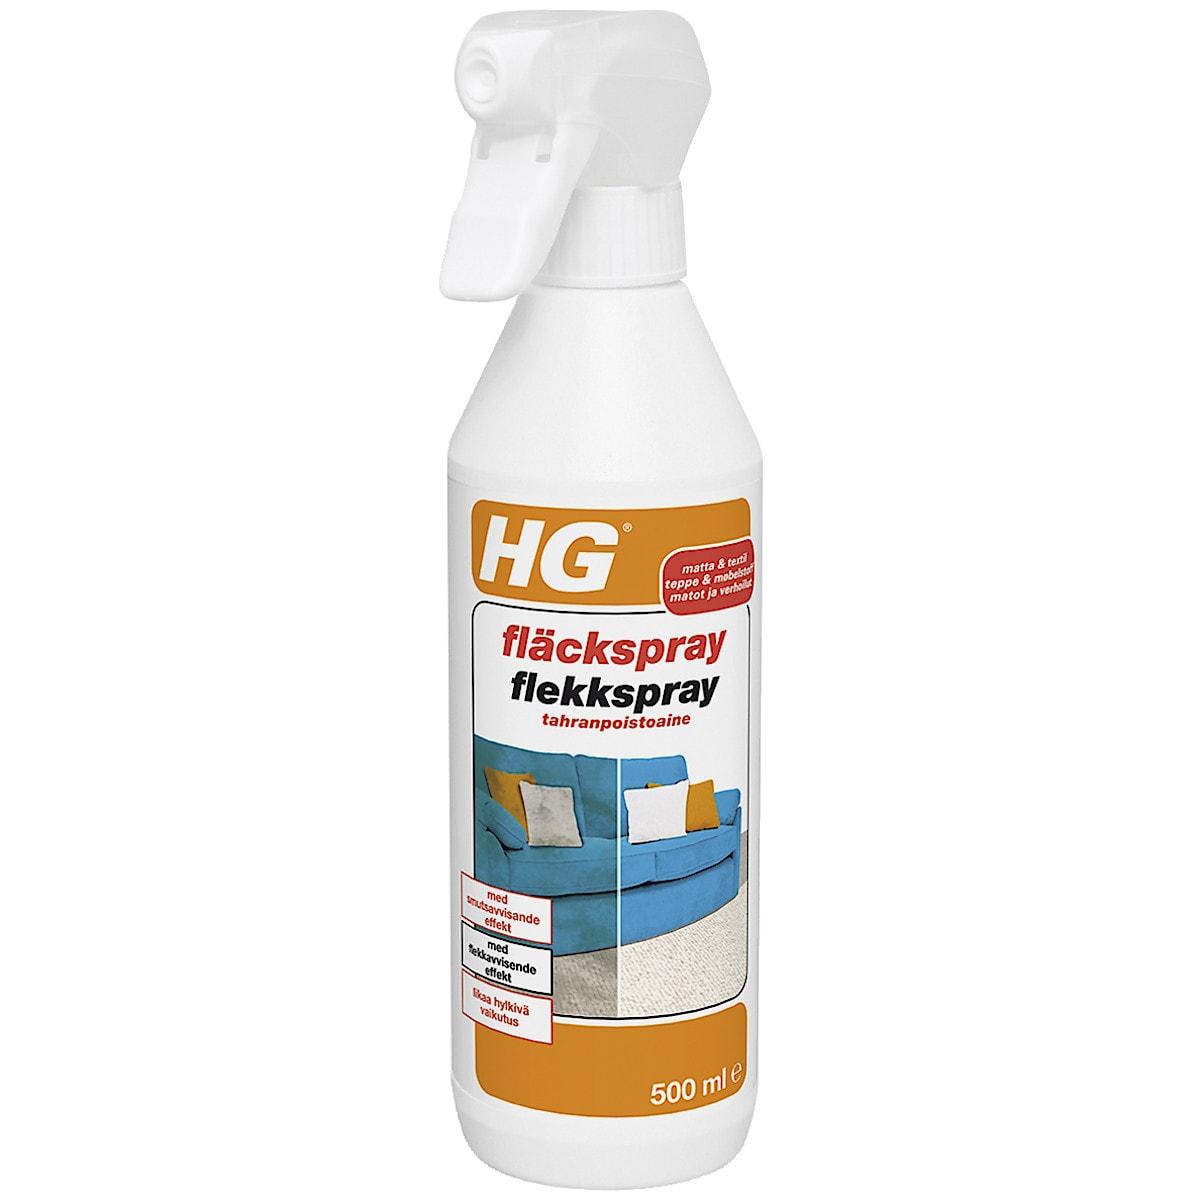 Fläckspray HG